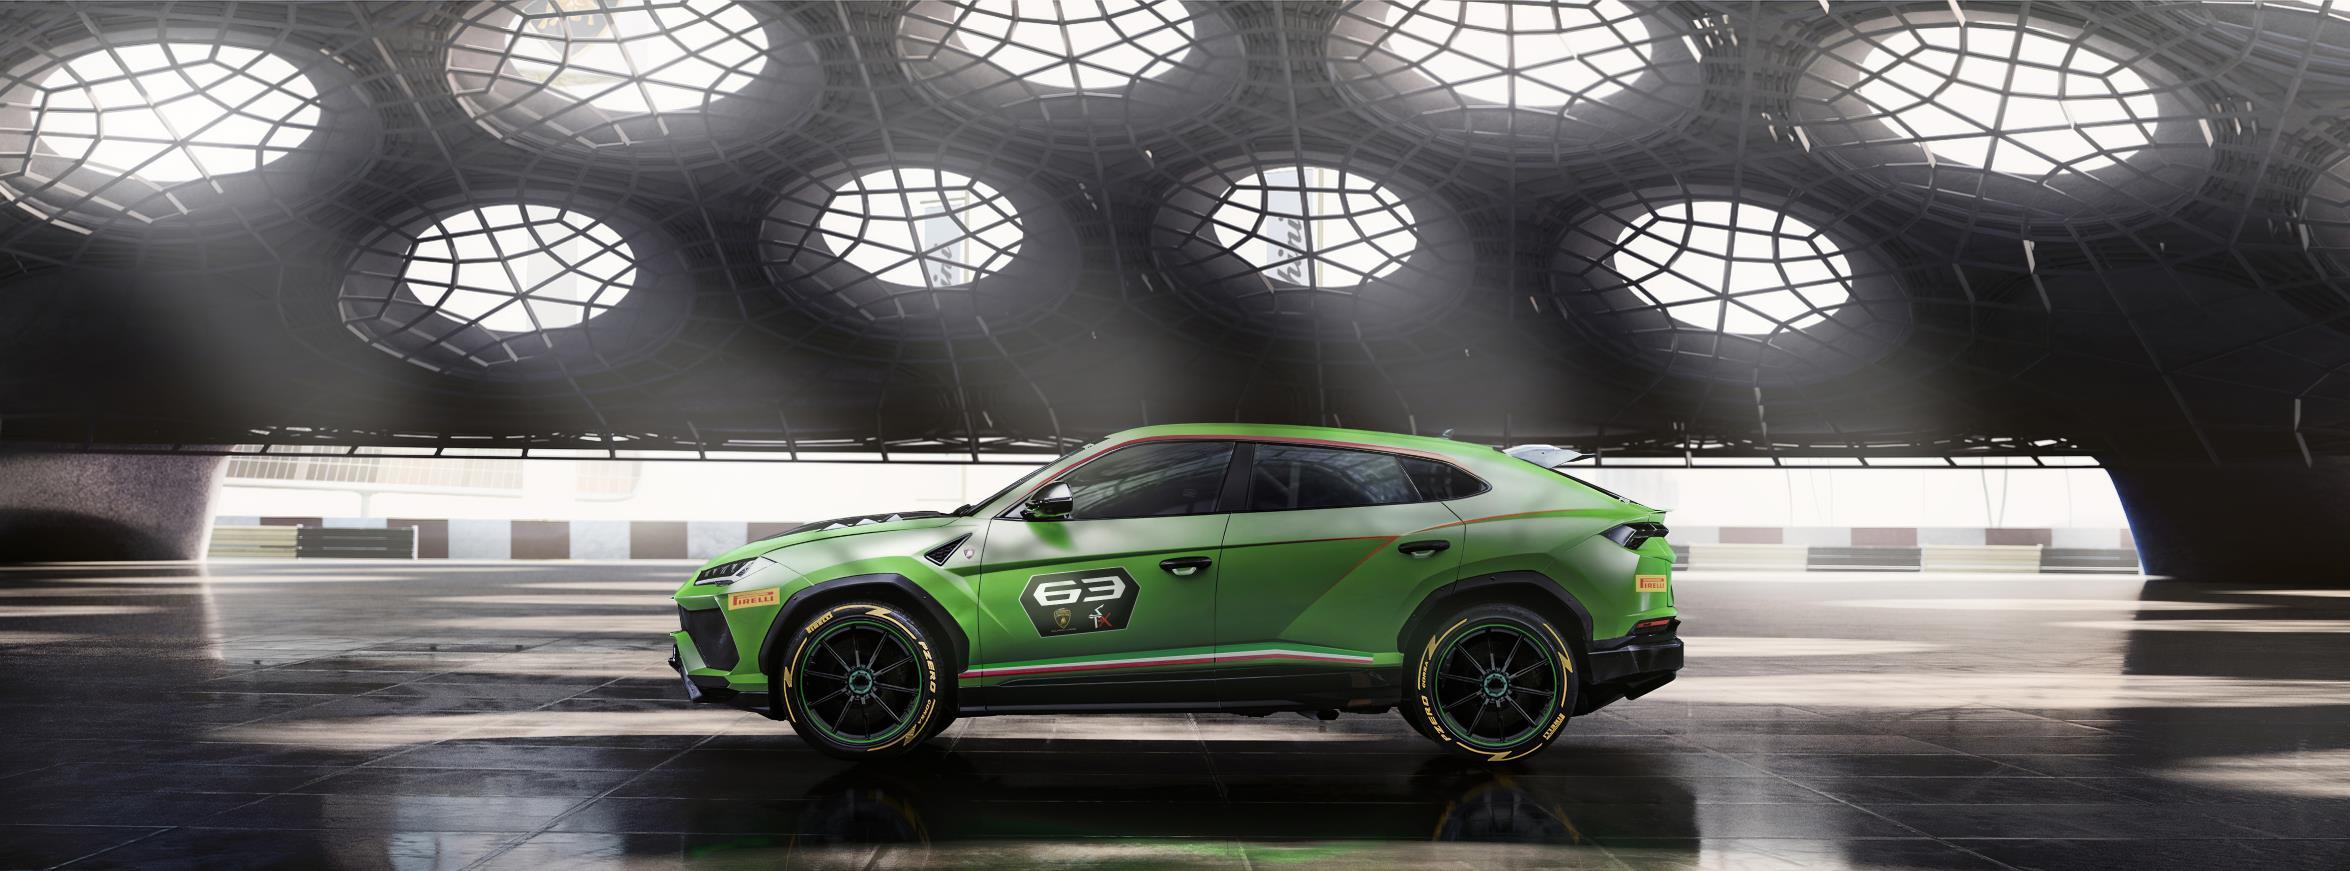 Lamborghini presenta el primer SUV de competición, Urus ST-X